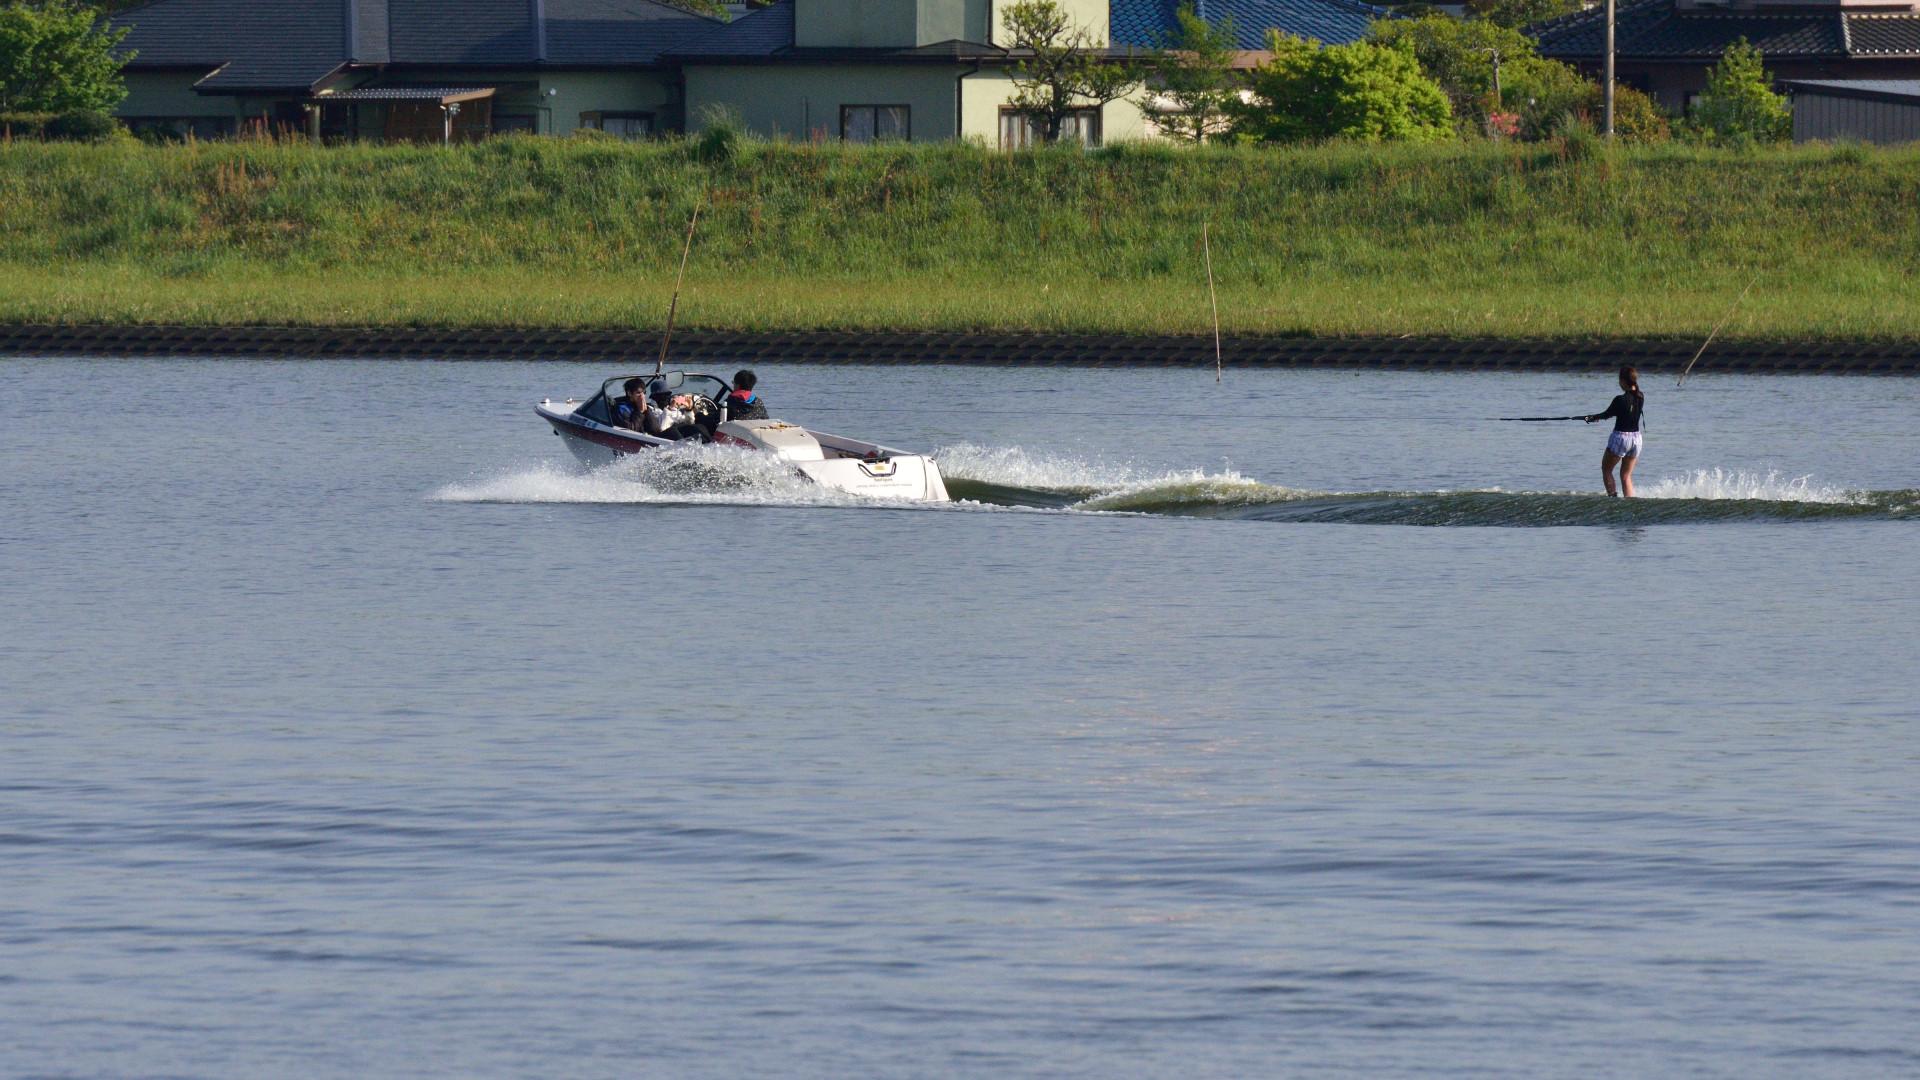 水上スキー練習は左岸